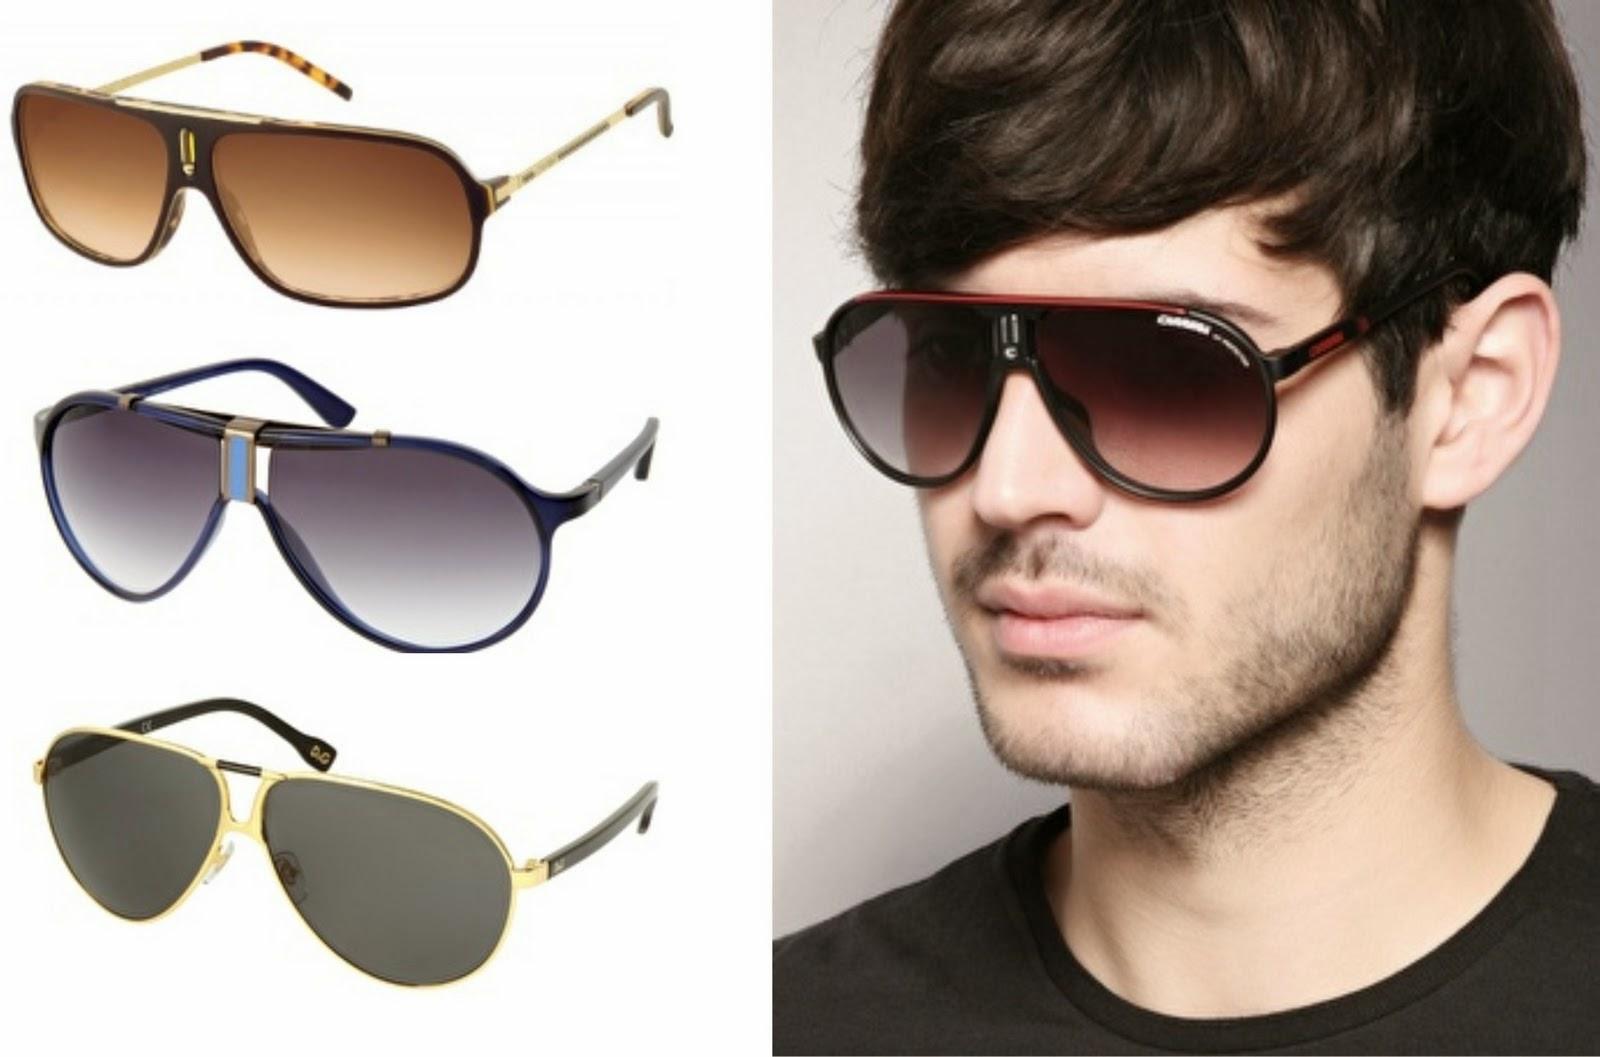 a8af4232d2f5c Existem vários modelos e marcas diferentes de óculos escuros